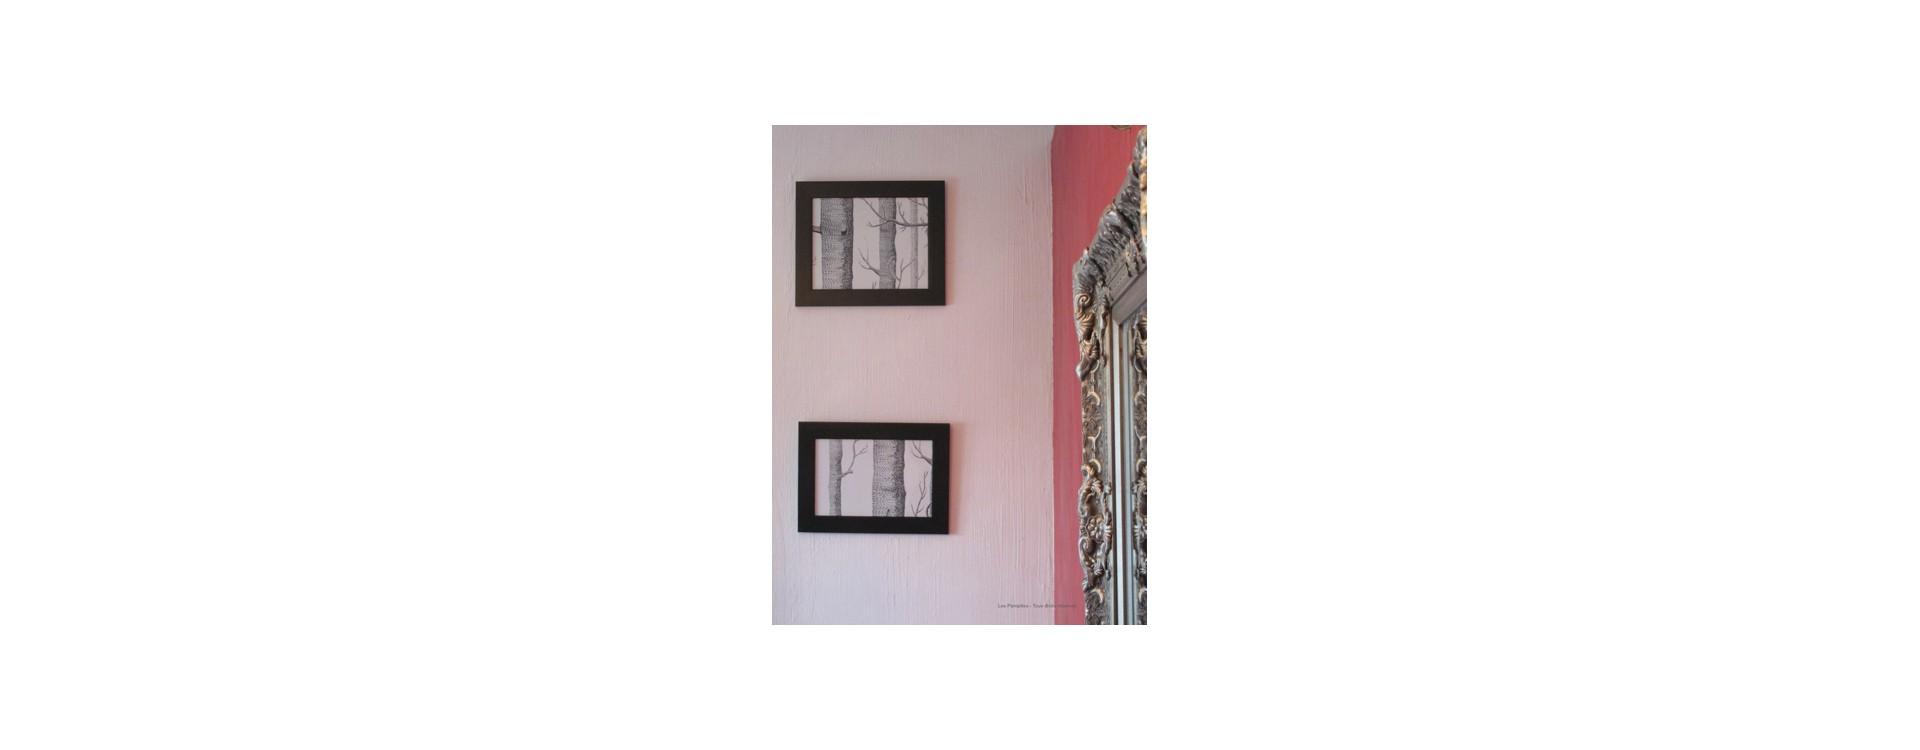 galbobain dans l ambiance baroque d une salle de bain de d corateur galbobain. Black Bedroom Furniture Sets. Home Design Ideas